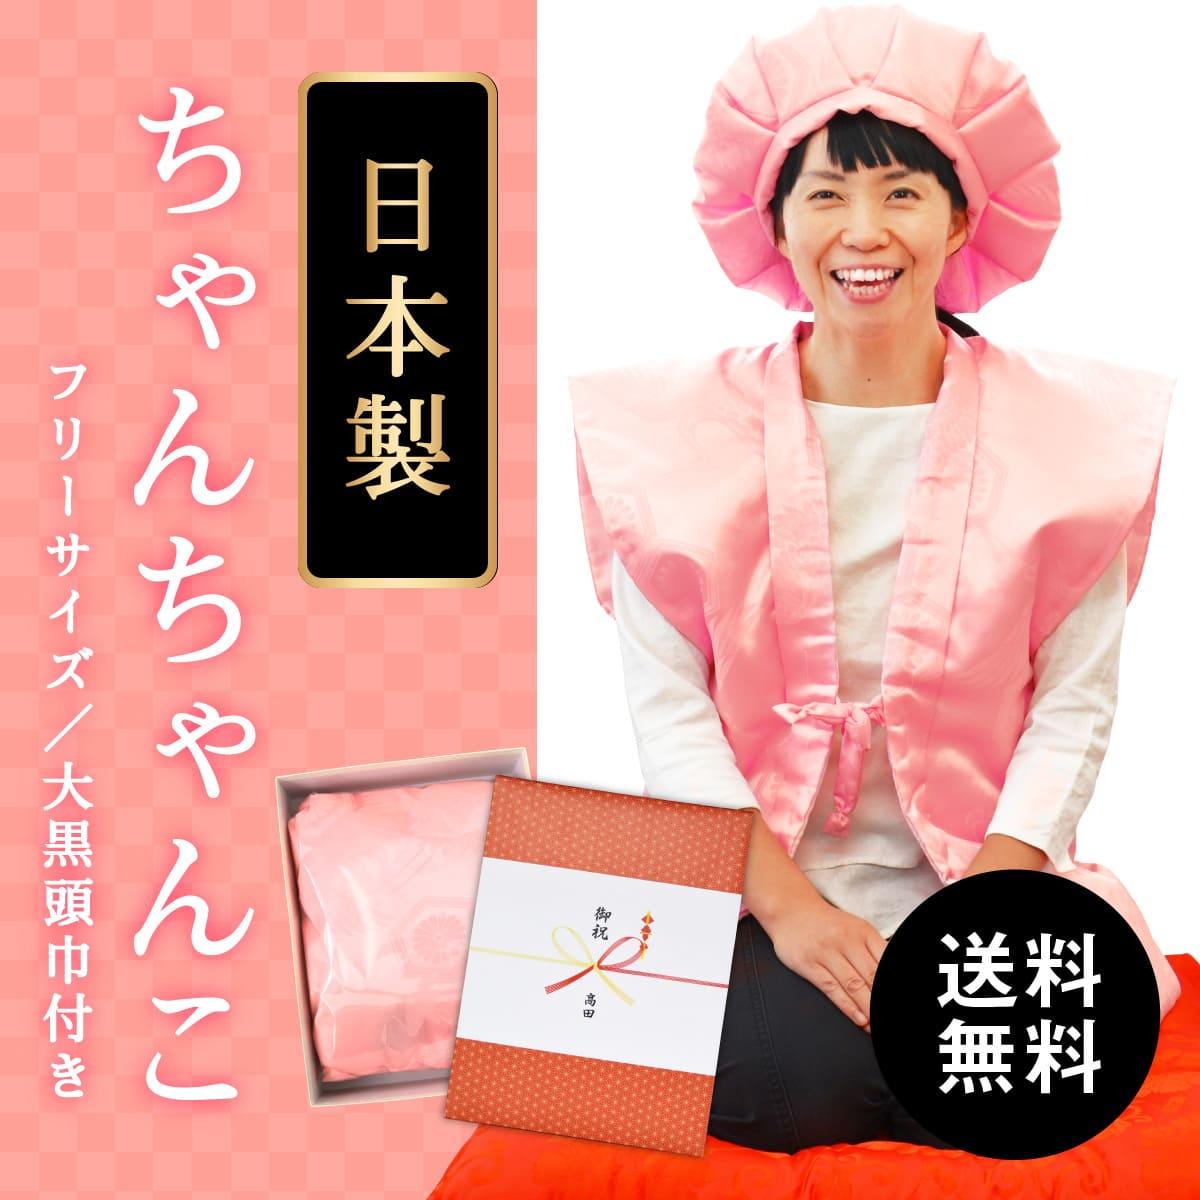 お母さん向けピンクの還暦ちゃんちゃんこ 亀甲鶴 高品質の日本製 フリーサイズ